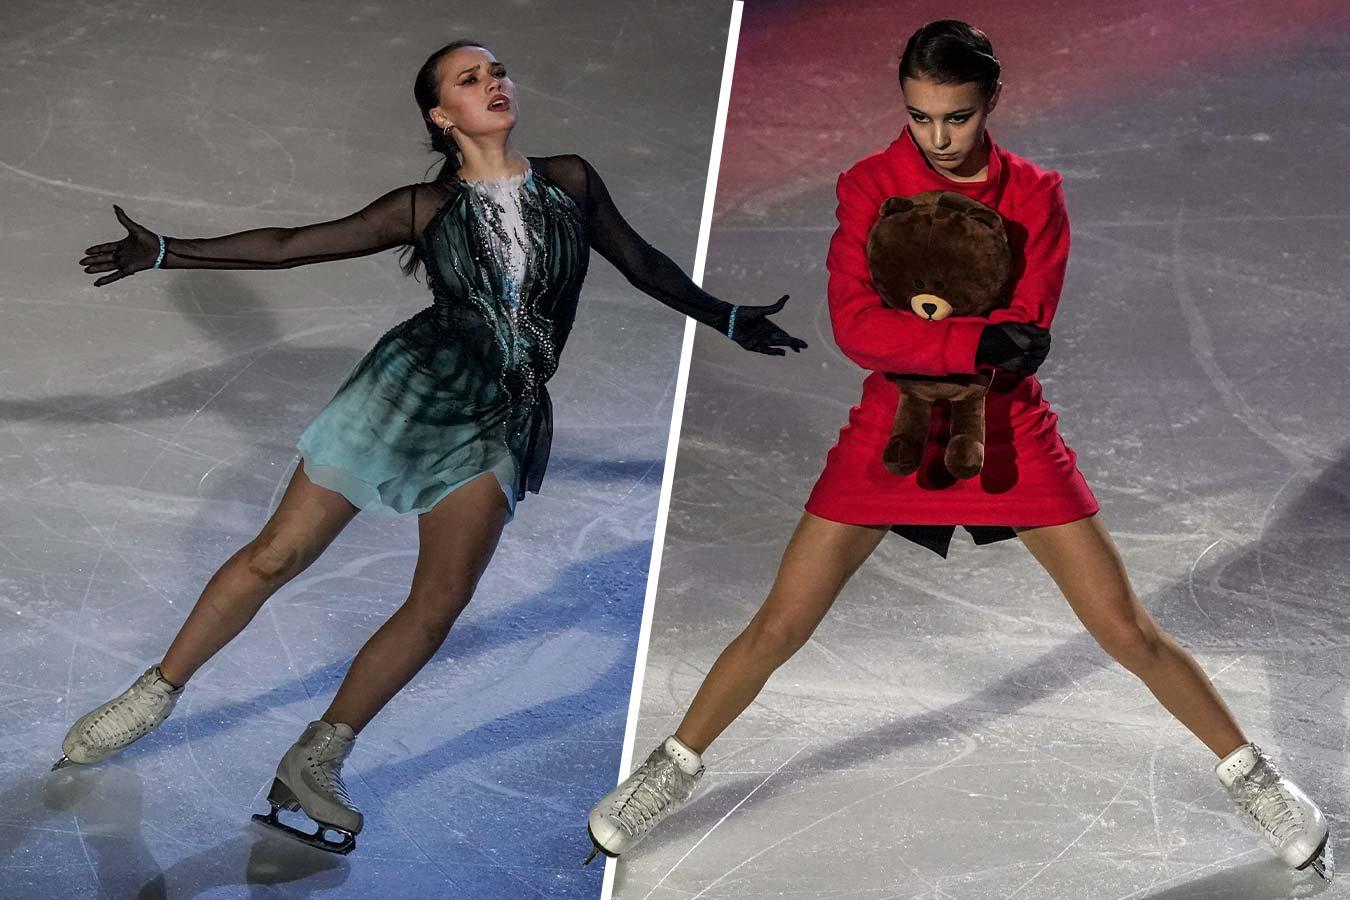 Загитова показала новую программу, Щербакова прокатилась с мишкой. Фото ледового шоу